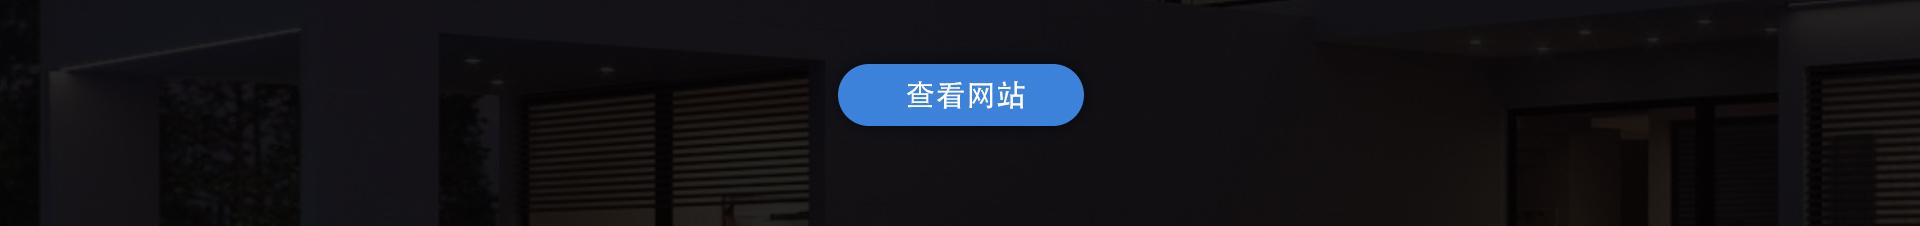 宁波飞色-葛海松-云企案例设计简介-西席思维广告-北京有限公司_02